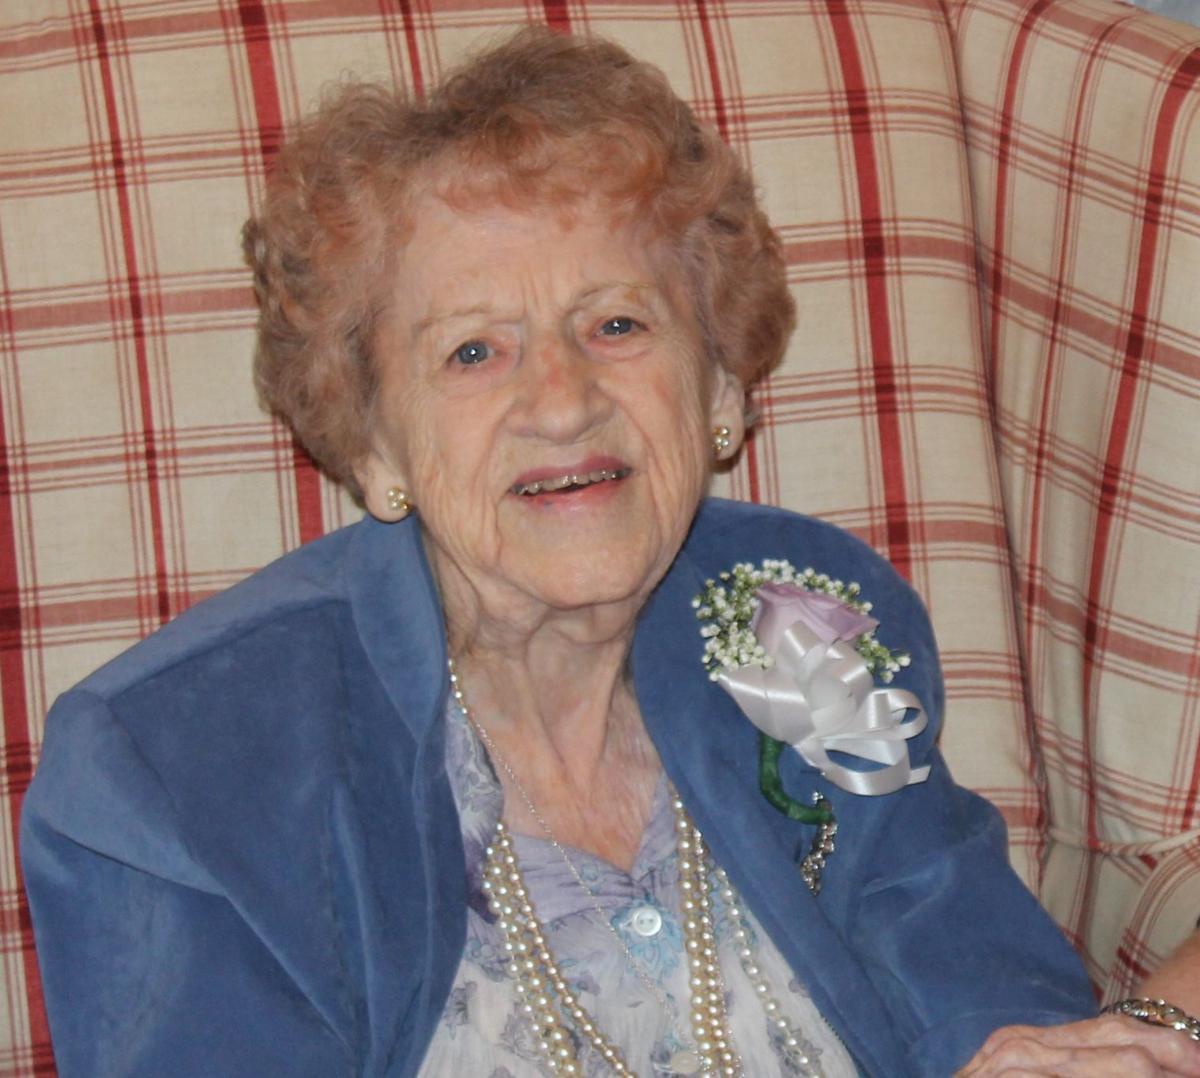 LaVanche West turns 100